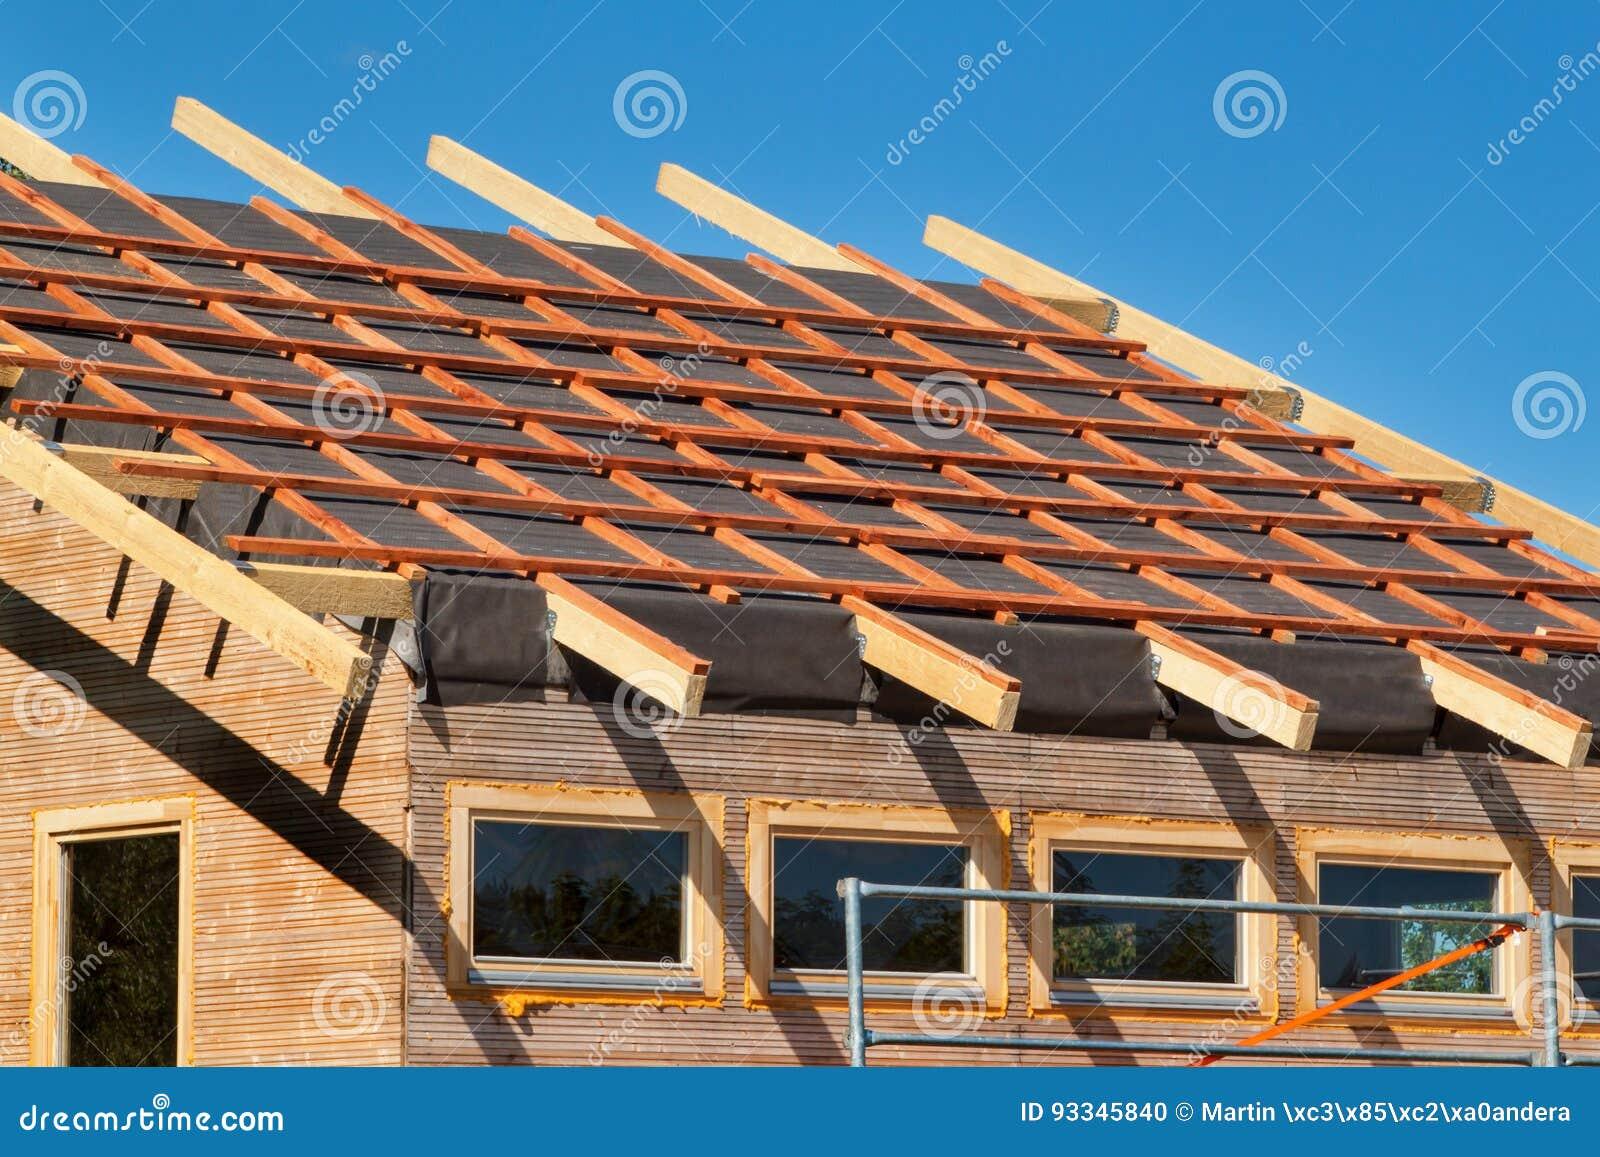 Construcci n de un tejado de madera en una casa ecol gica - Estructura tejado madera ...